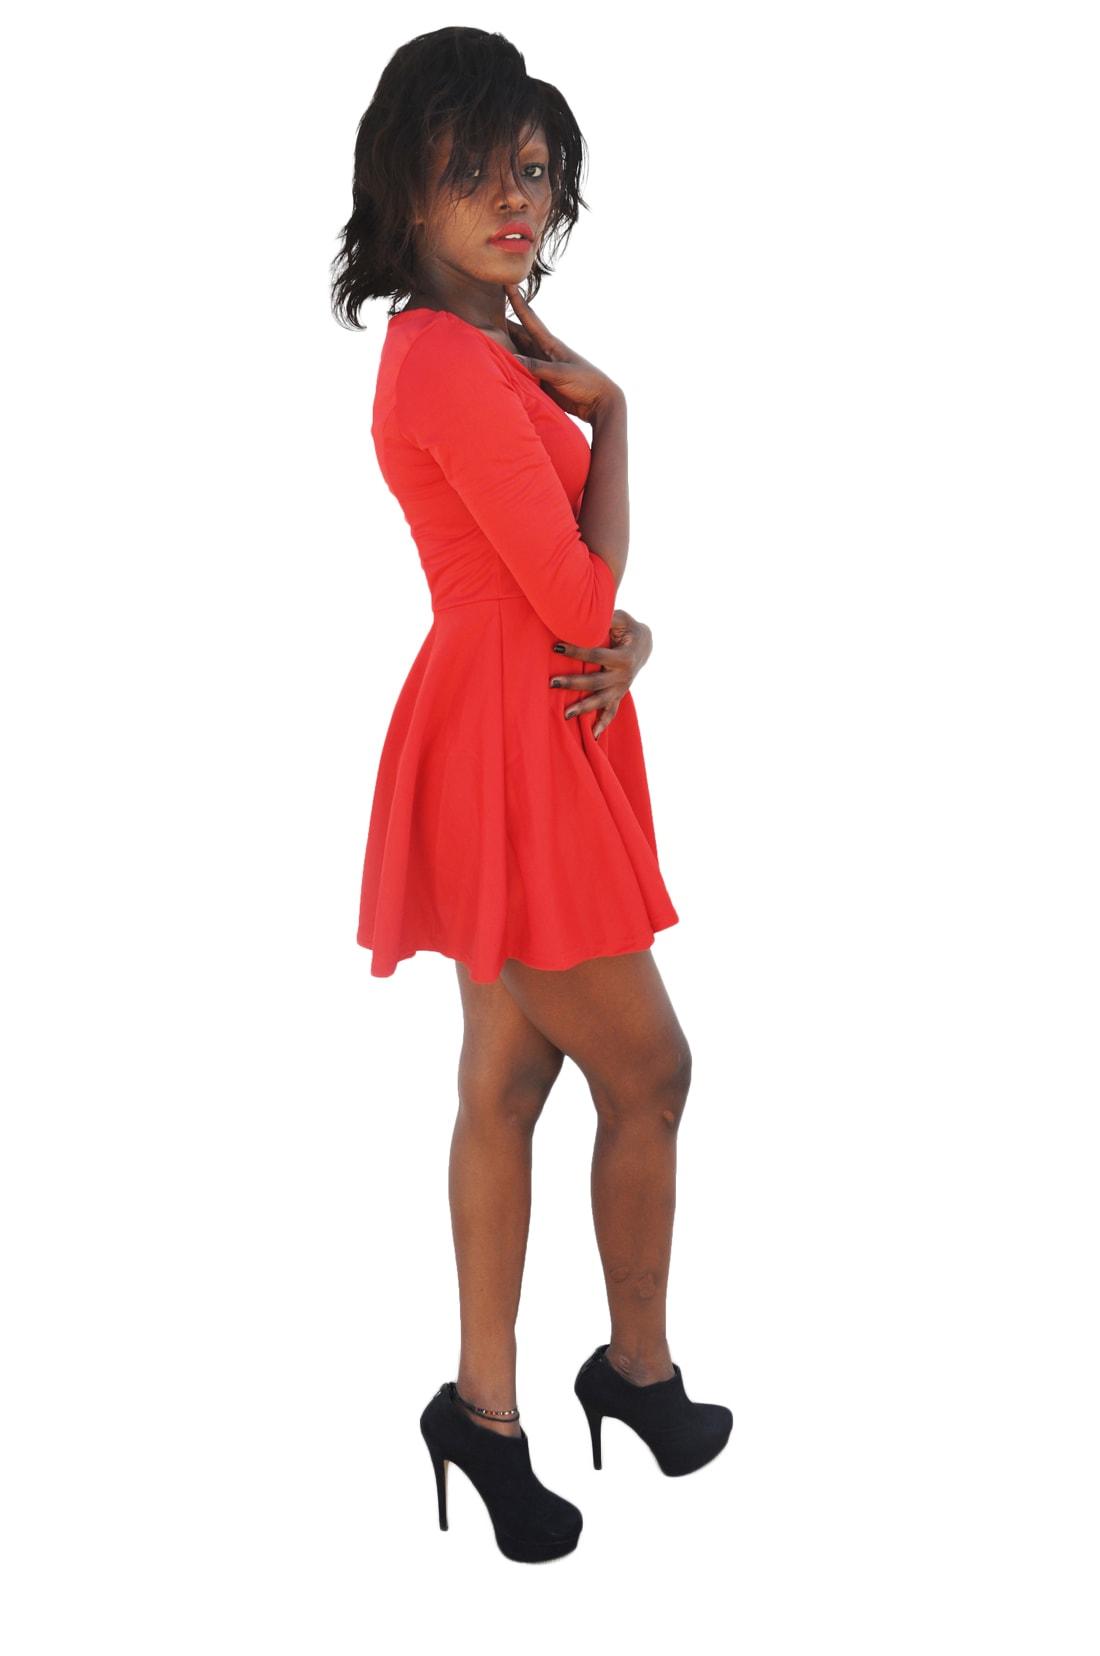 M0184 red3 Leisure Dresses maureens.com boutique